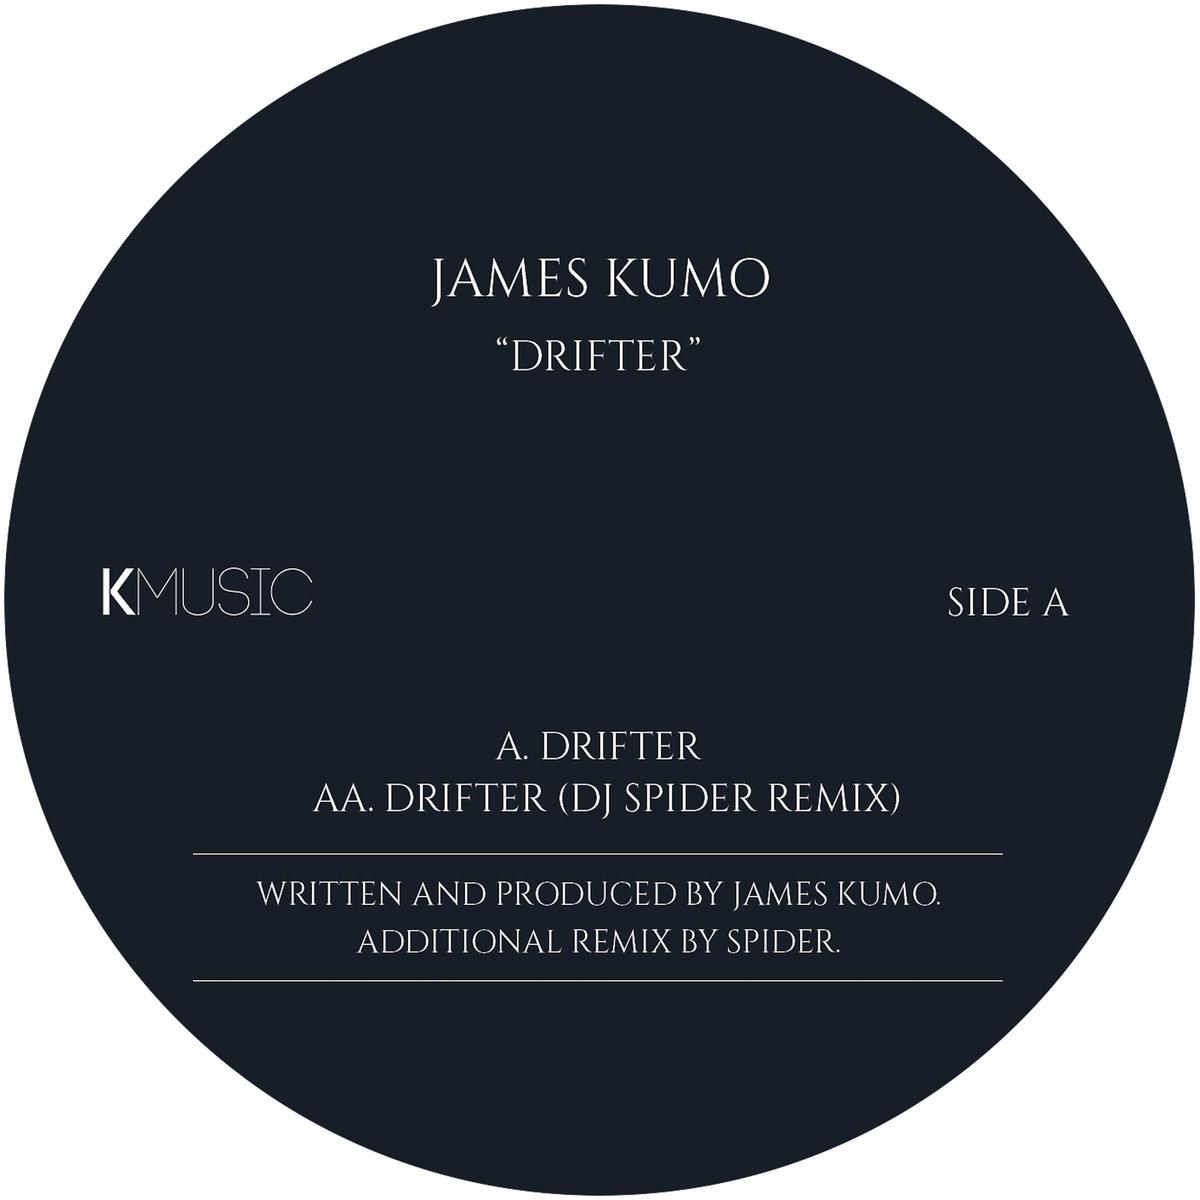 DRIFTER EP - LABEL ARTWORK - Released on KMusic (Manchester, UK).